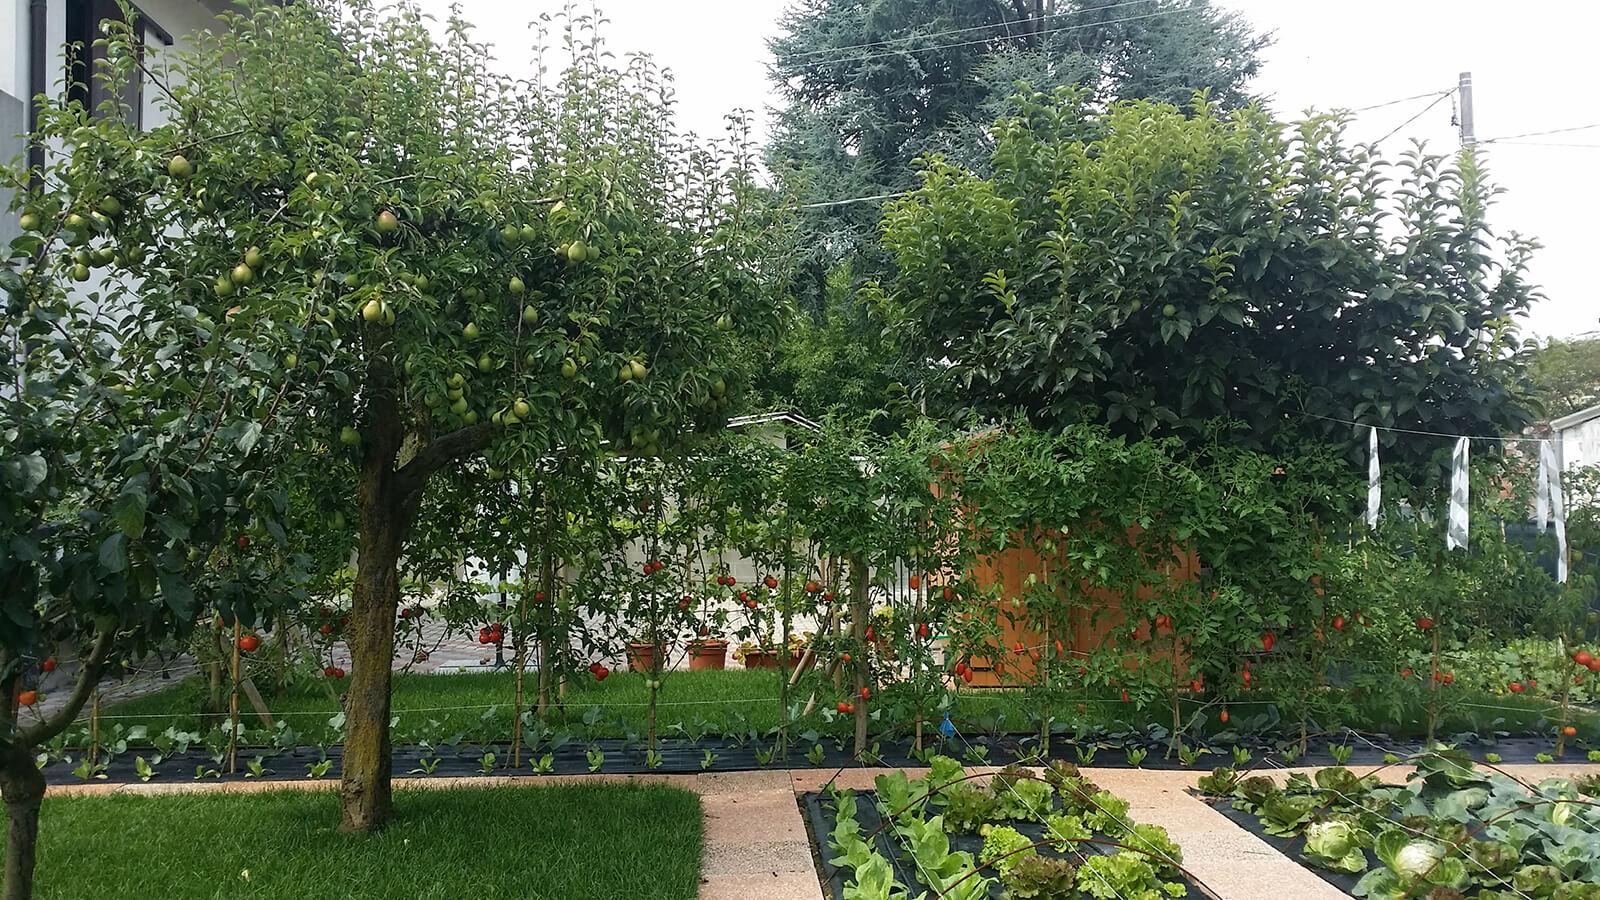 progettazione realizzazione giardini costabissara - verde blu giardini 3